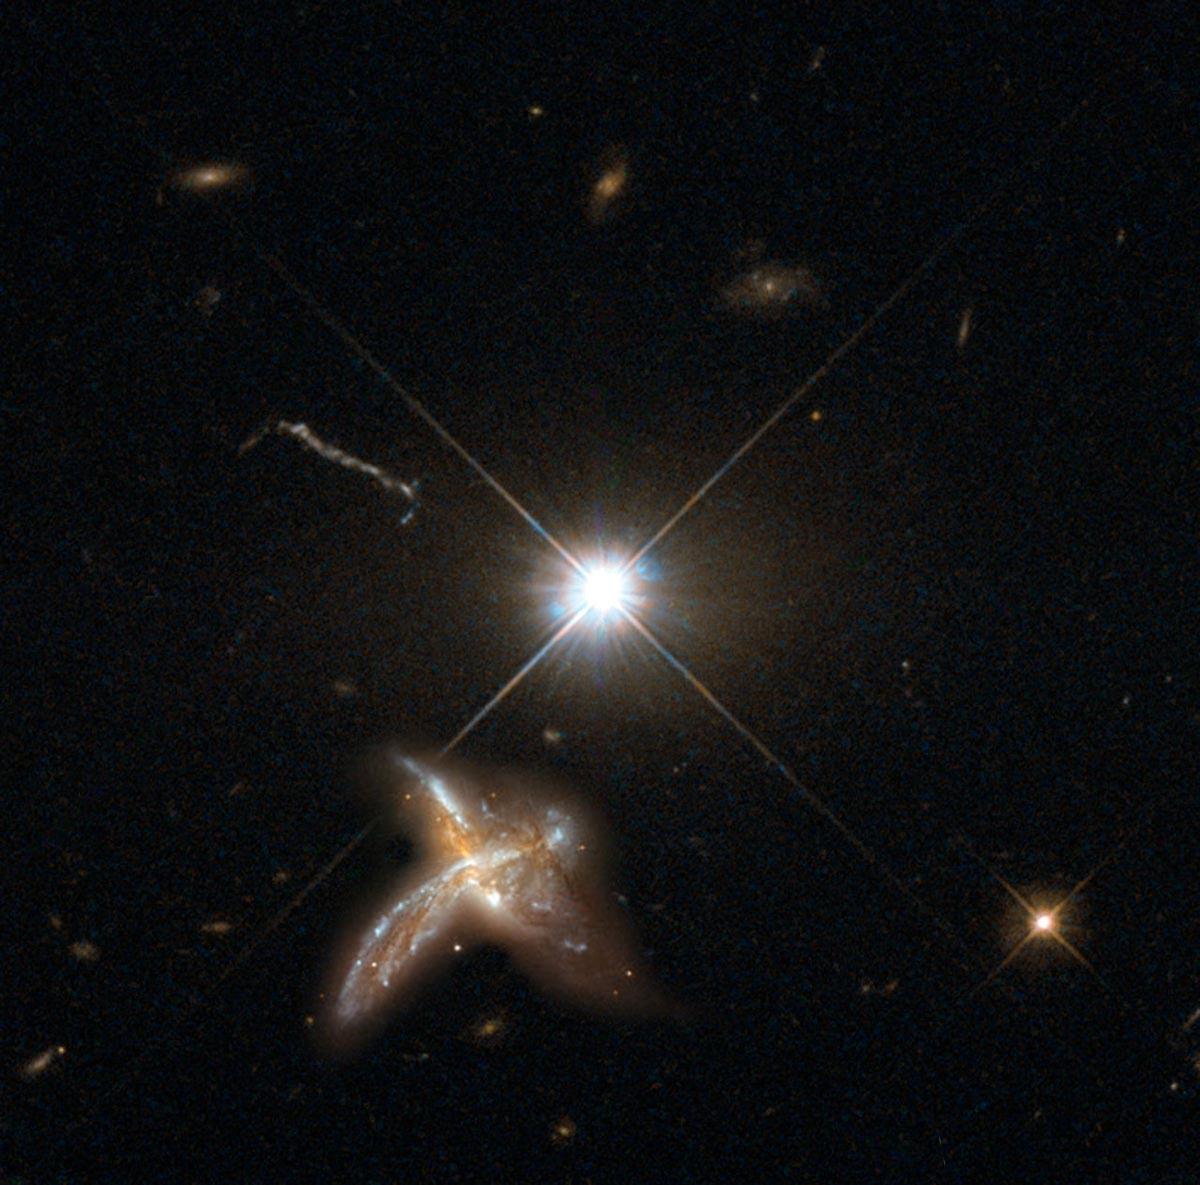 """Квазар игалактика-спутник, рисунок. Галактики, окоторых идёт речь вновом исследовании, находятся настолько далеко, что подробные снимки получить невозможно. Источник: <a href=""""http://www.mpia.de/news/science/2017-07-young-starforming"""" target=""""_blank"""">Институт астрономии Общества Макса Планка</a>."""